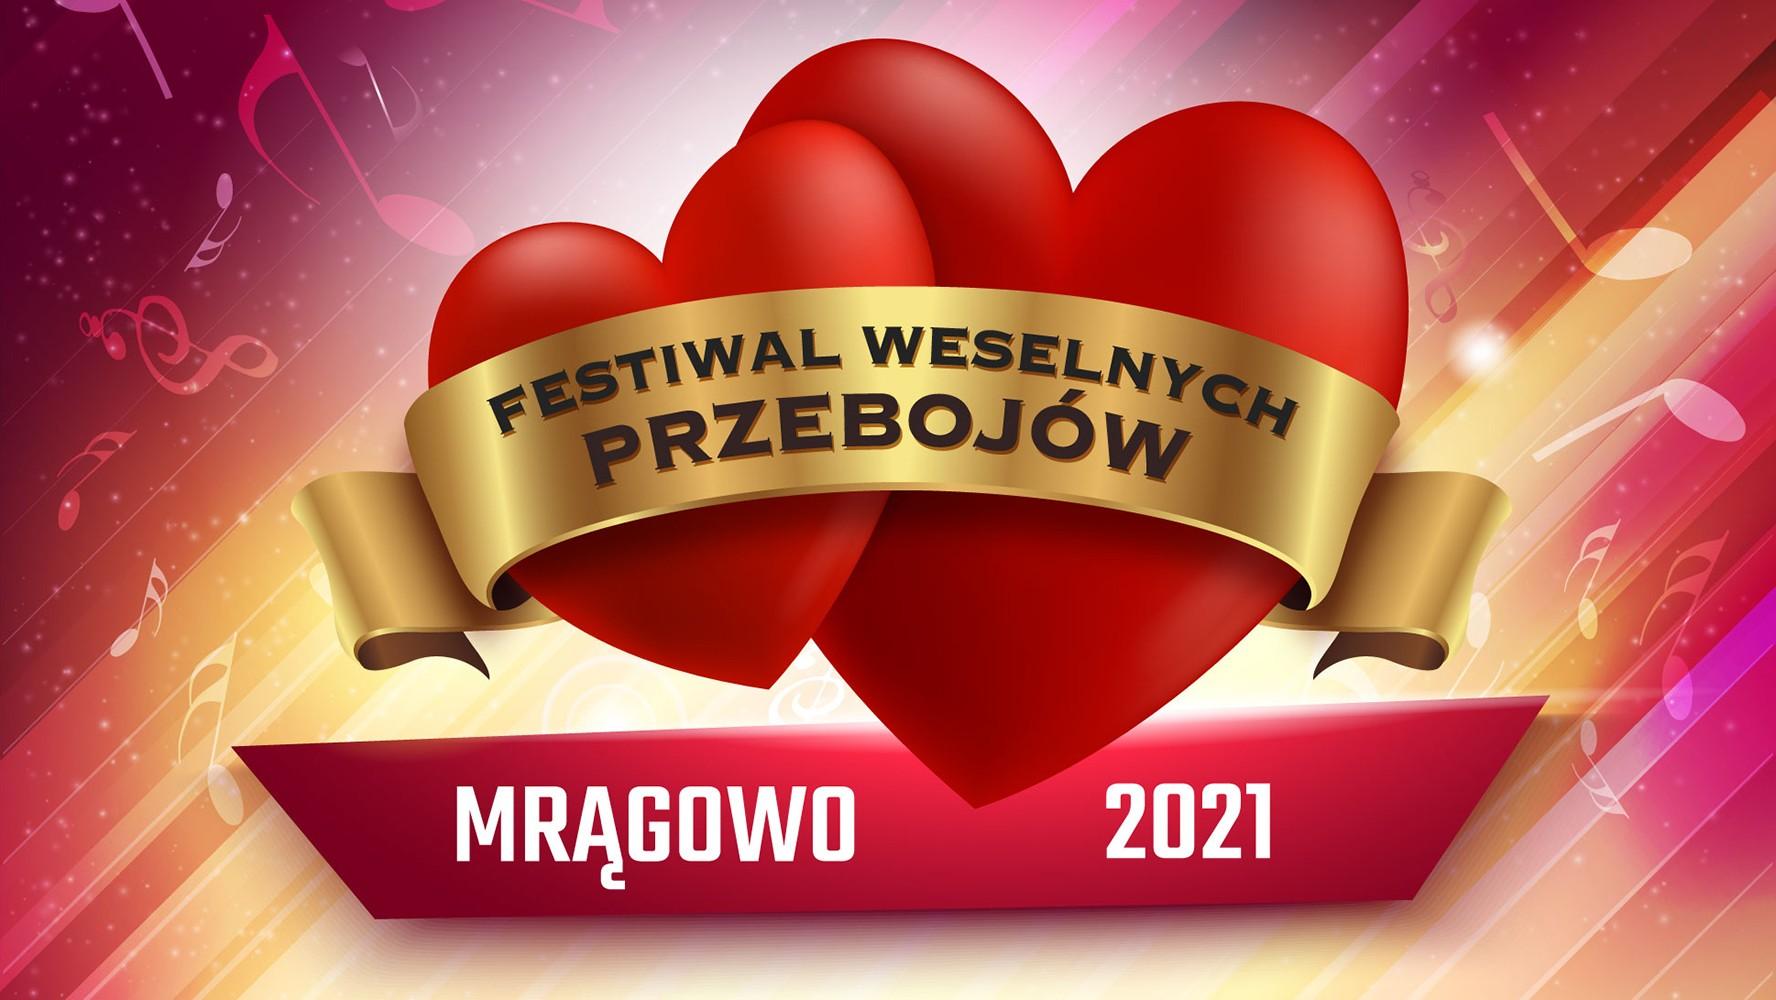 Festiwal Weselnych Przebojów - Mrągowo 2021. Kto wystąpi?